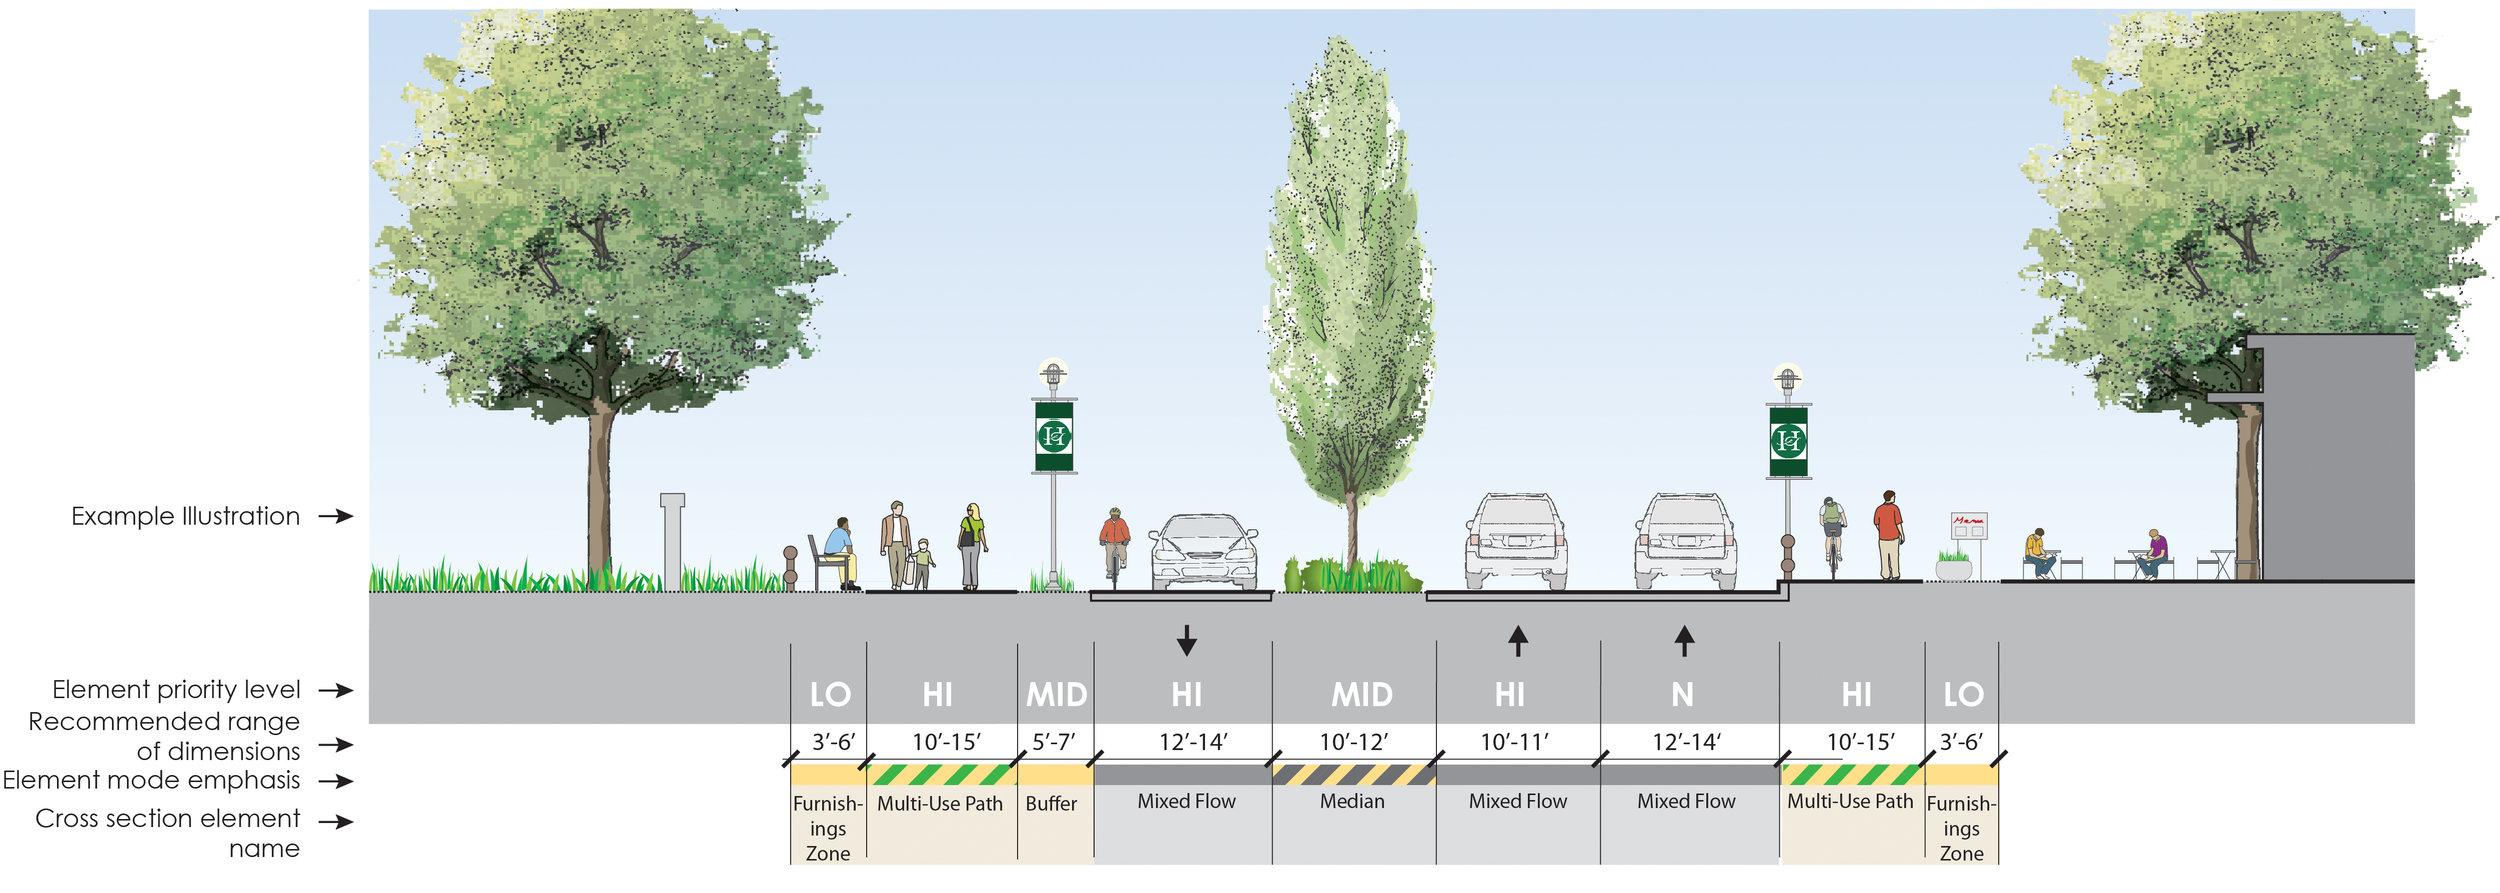 Minor-Arterial-Boulevard-crop.jpg